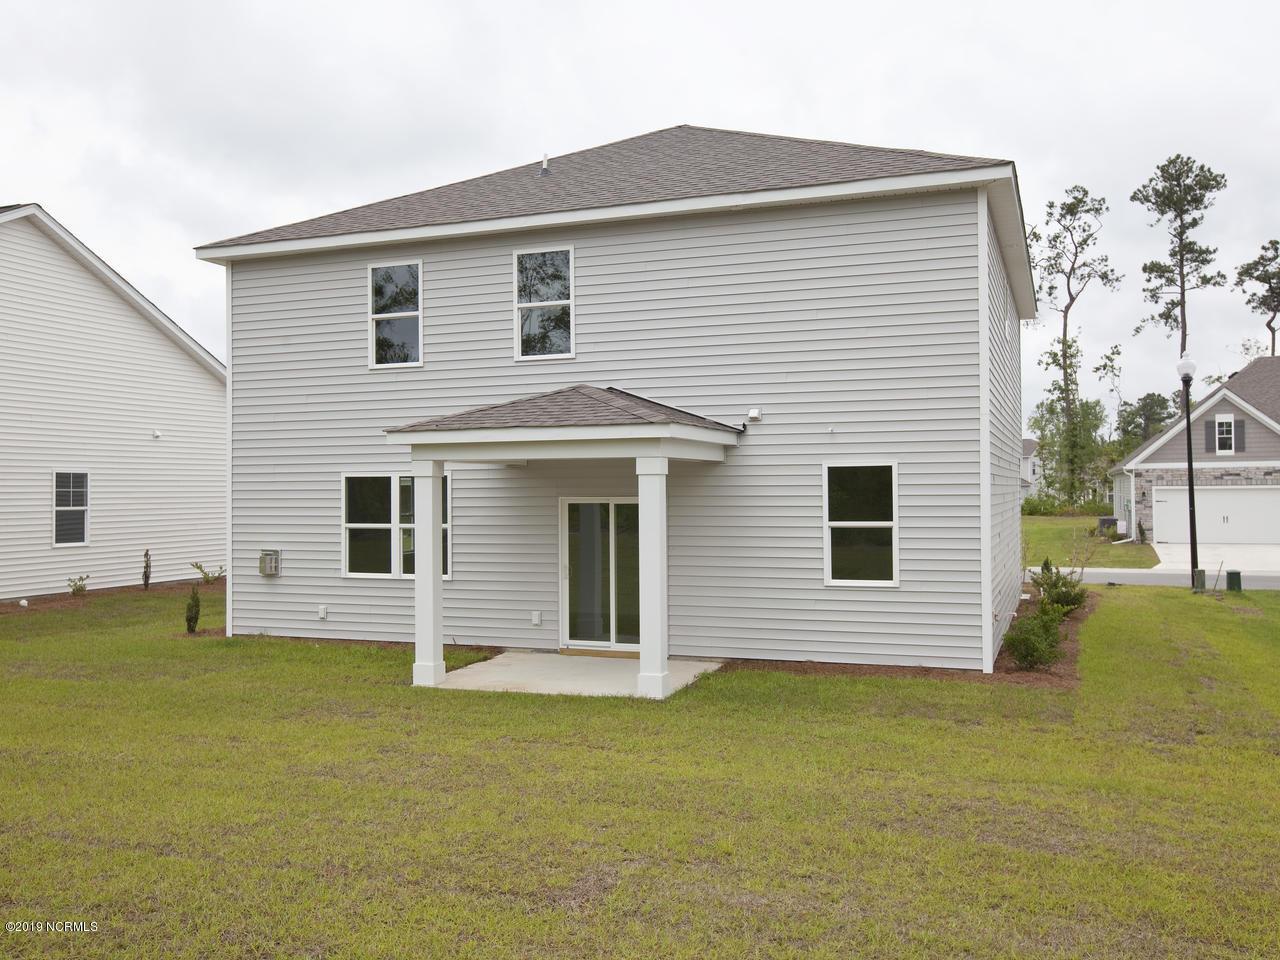 802 Barbon Beck Lane #lot 3296 Leland, NC 28451